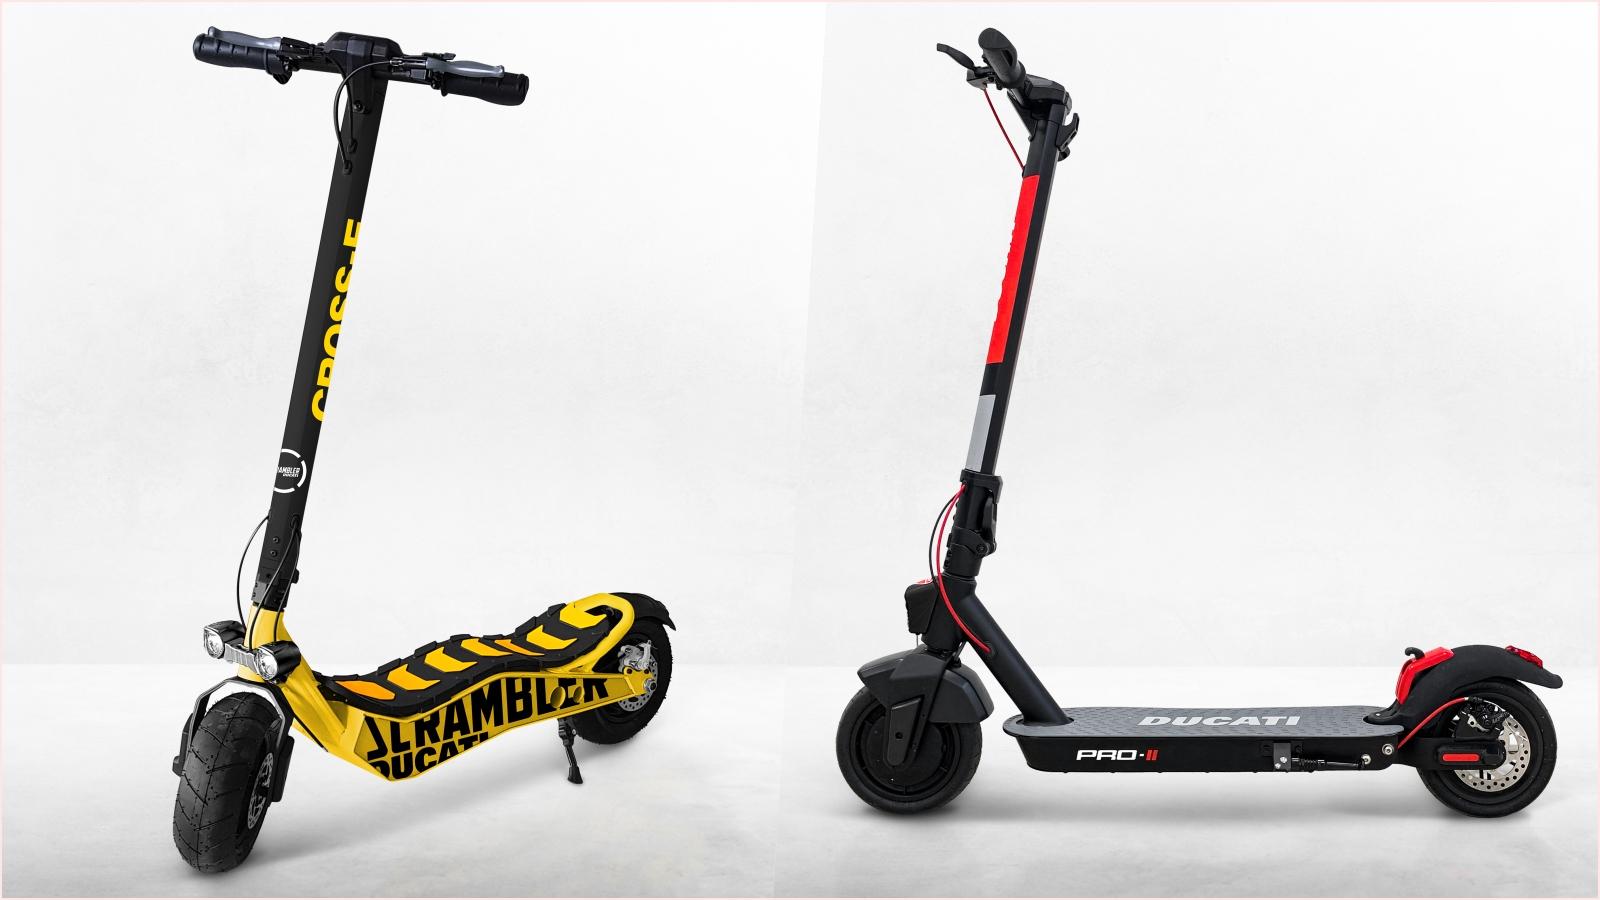 Ducati Scrambler Cross-E y Ducati Pro II, primeros modelos de la nueva línea de movilidad eléctrica